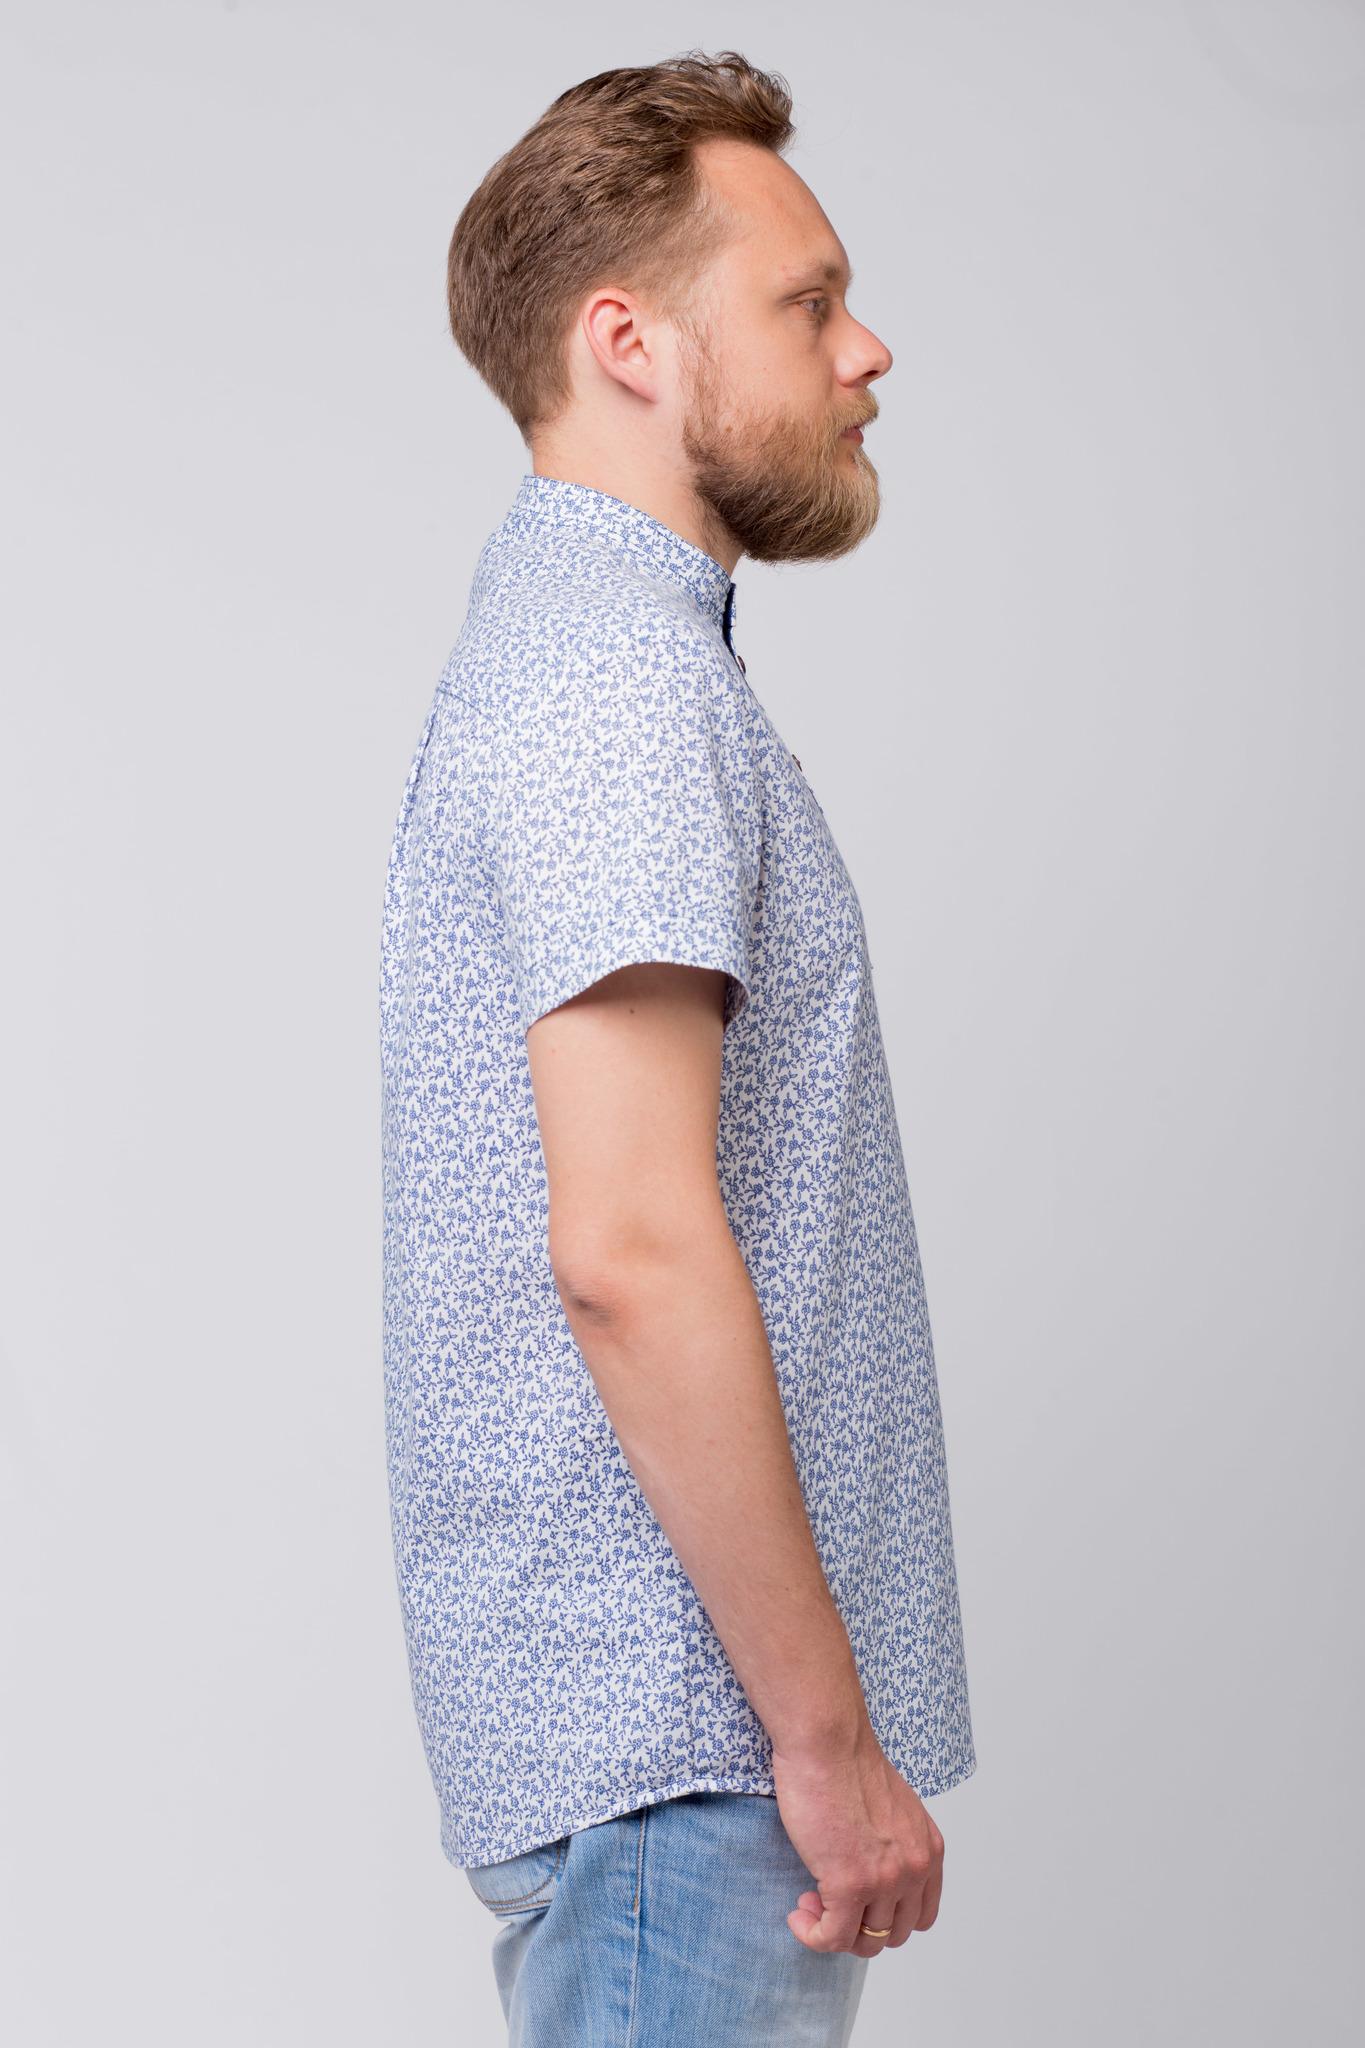 Рубашка льняная Енисейская вид сбоку